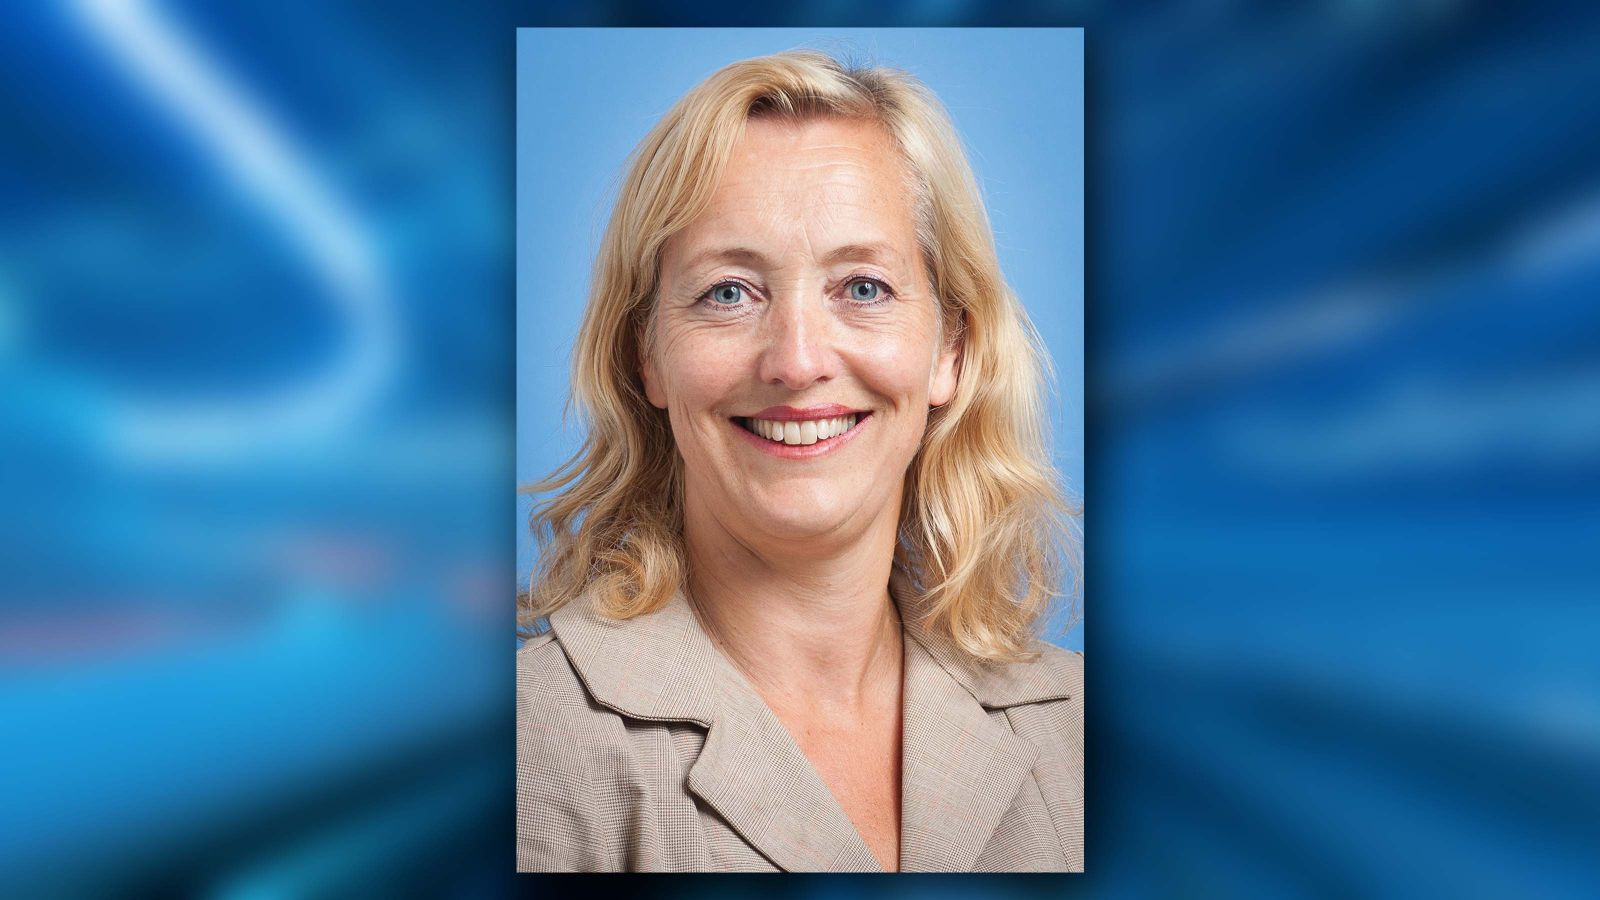 A profile image of Professor Miriam Lips.